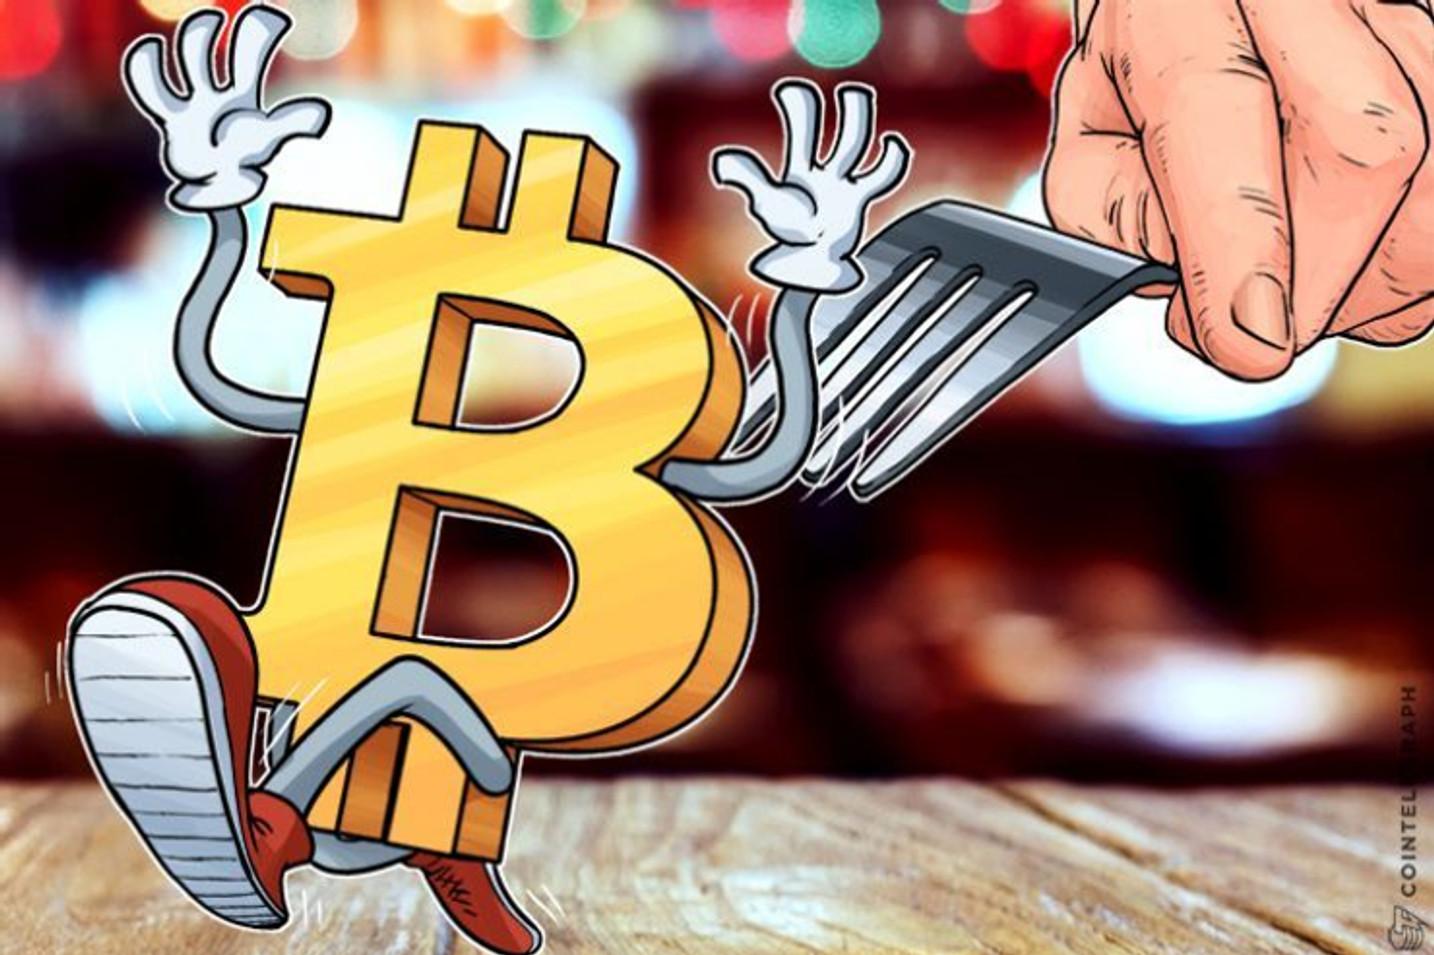 Exchange Foxbit anuncia 'tira dúvidas' online sobre como declarar Bitcoins e criptomoedas no Imposto de Renda